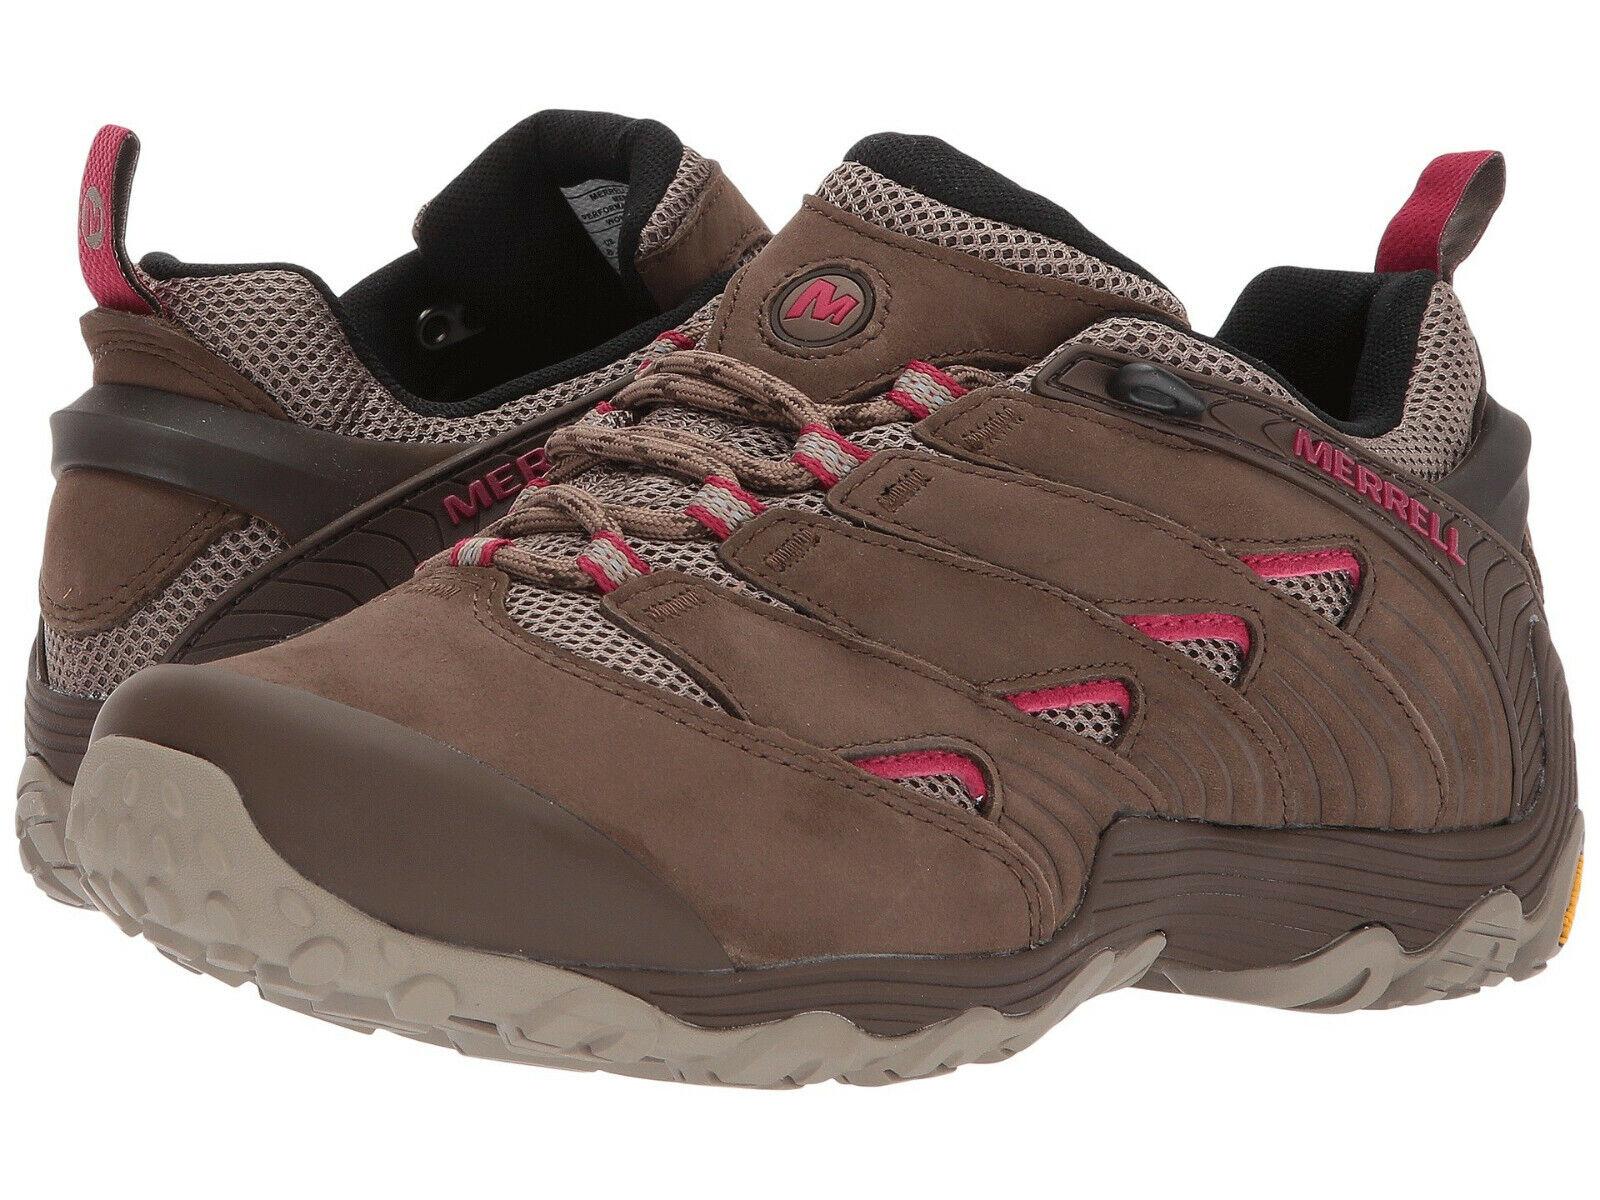 Merrell mujer Camaleón 7 7 7 con Cordones Gancho para senderismo y caminar Zapatos Atléticos  la calidad primero los consumidores primero